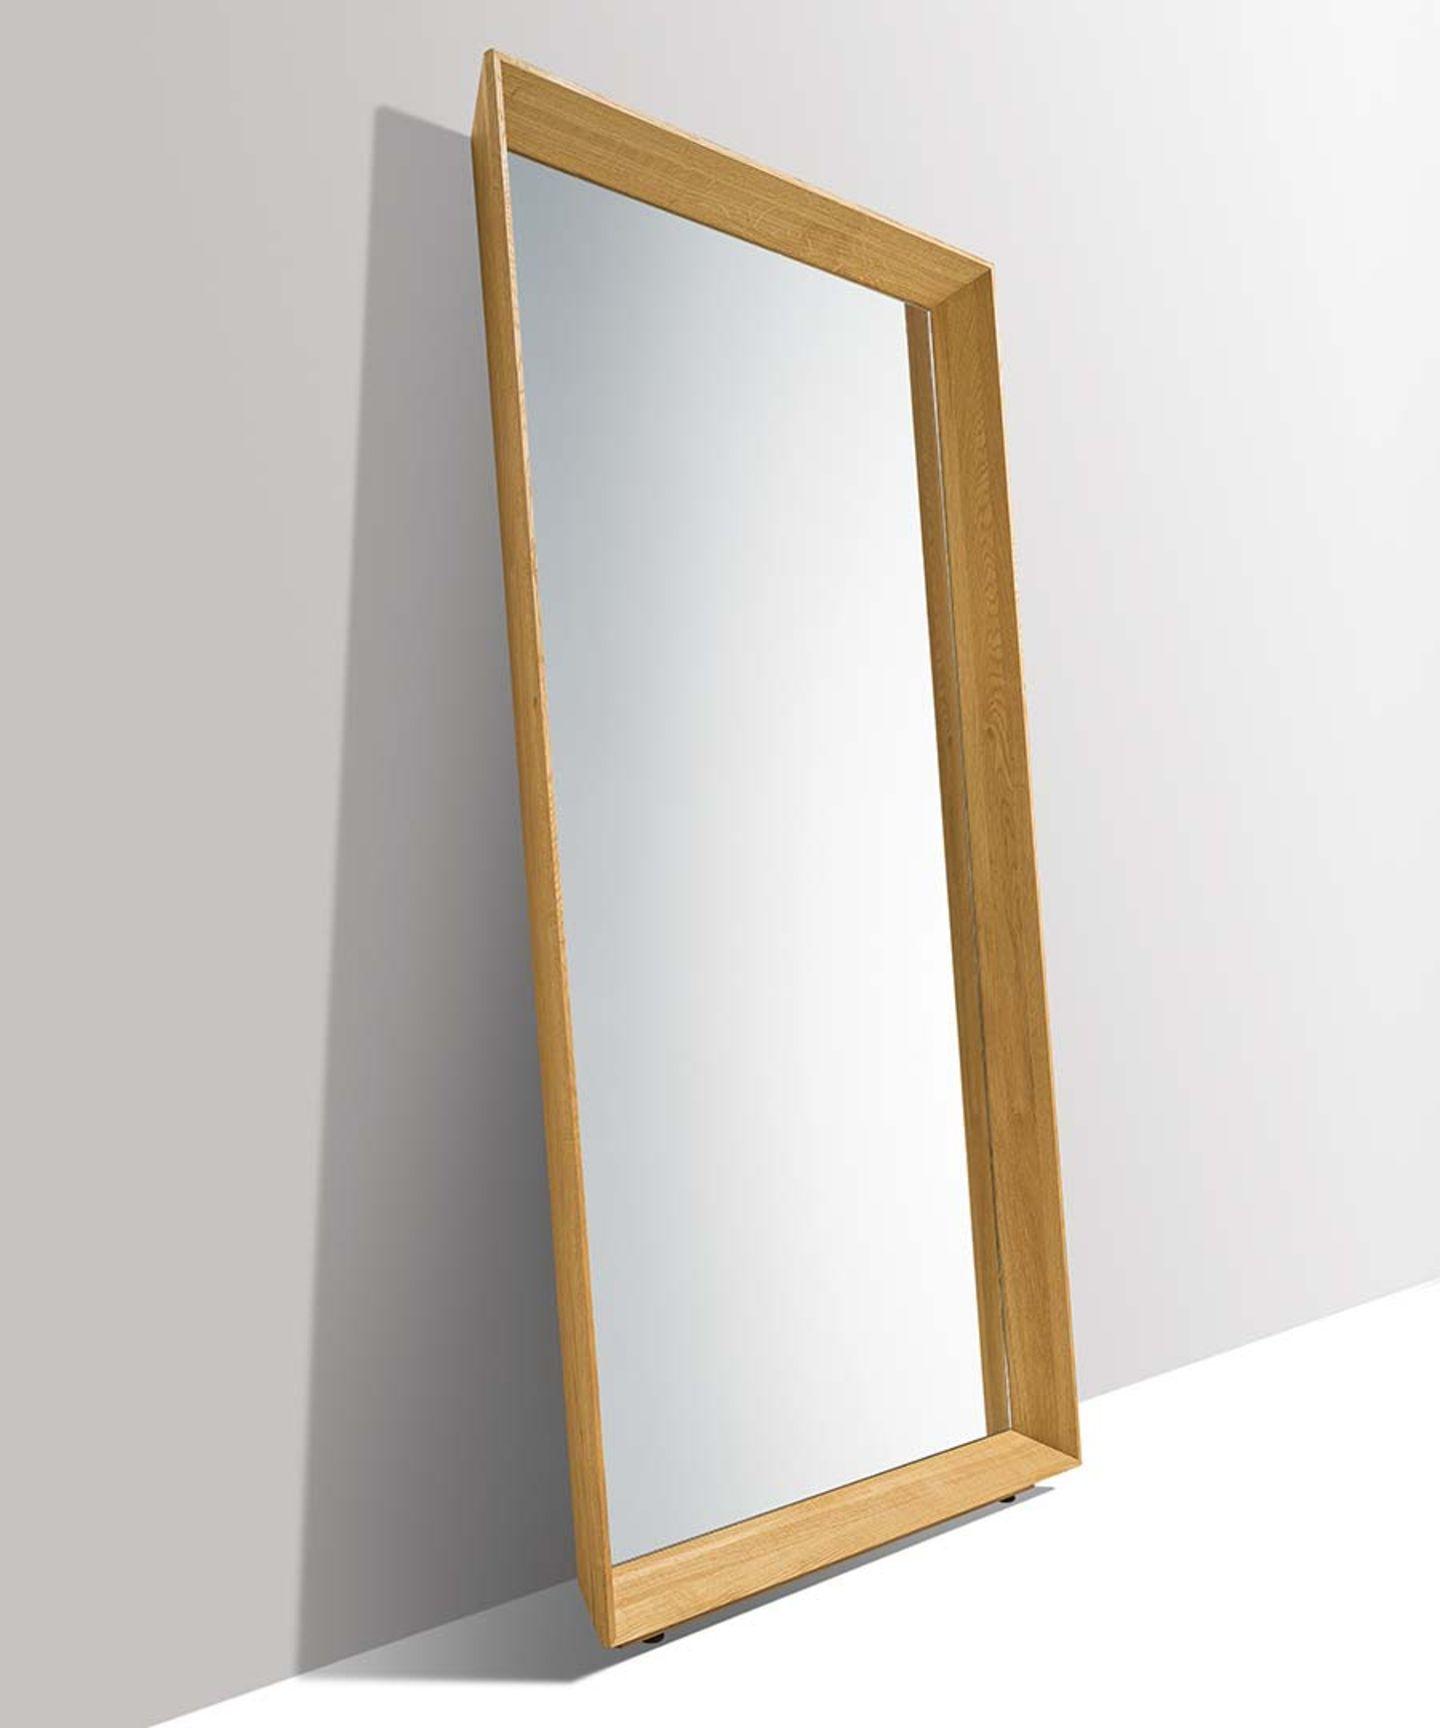 Ingresso haiku con specchio a parete con dispositivo antiribaltamento